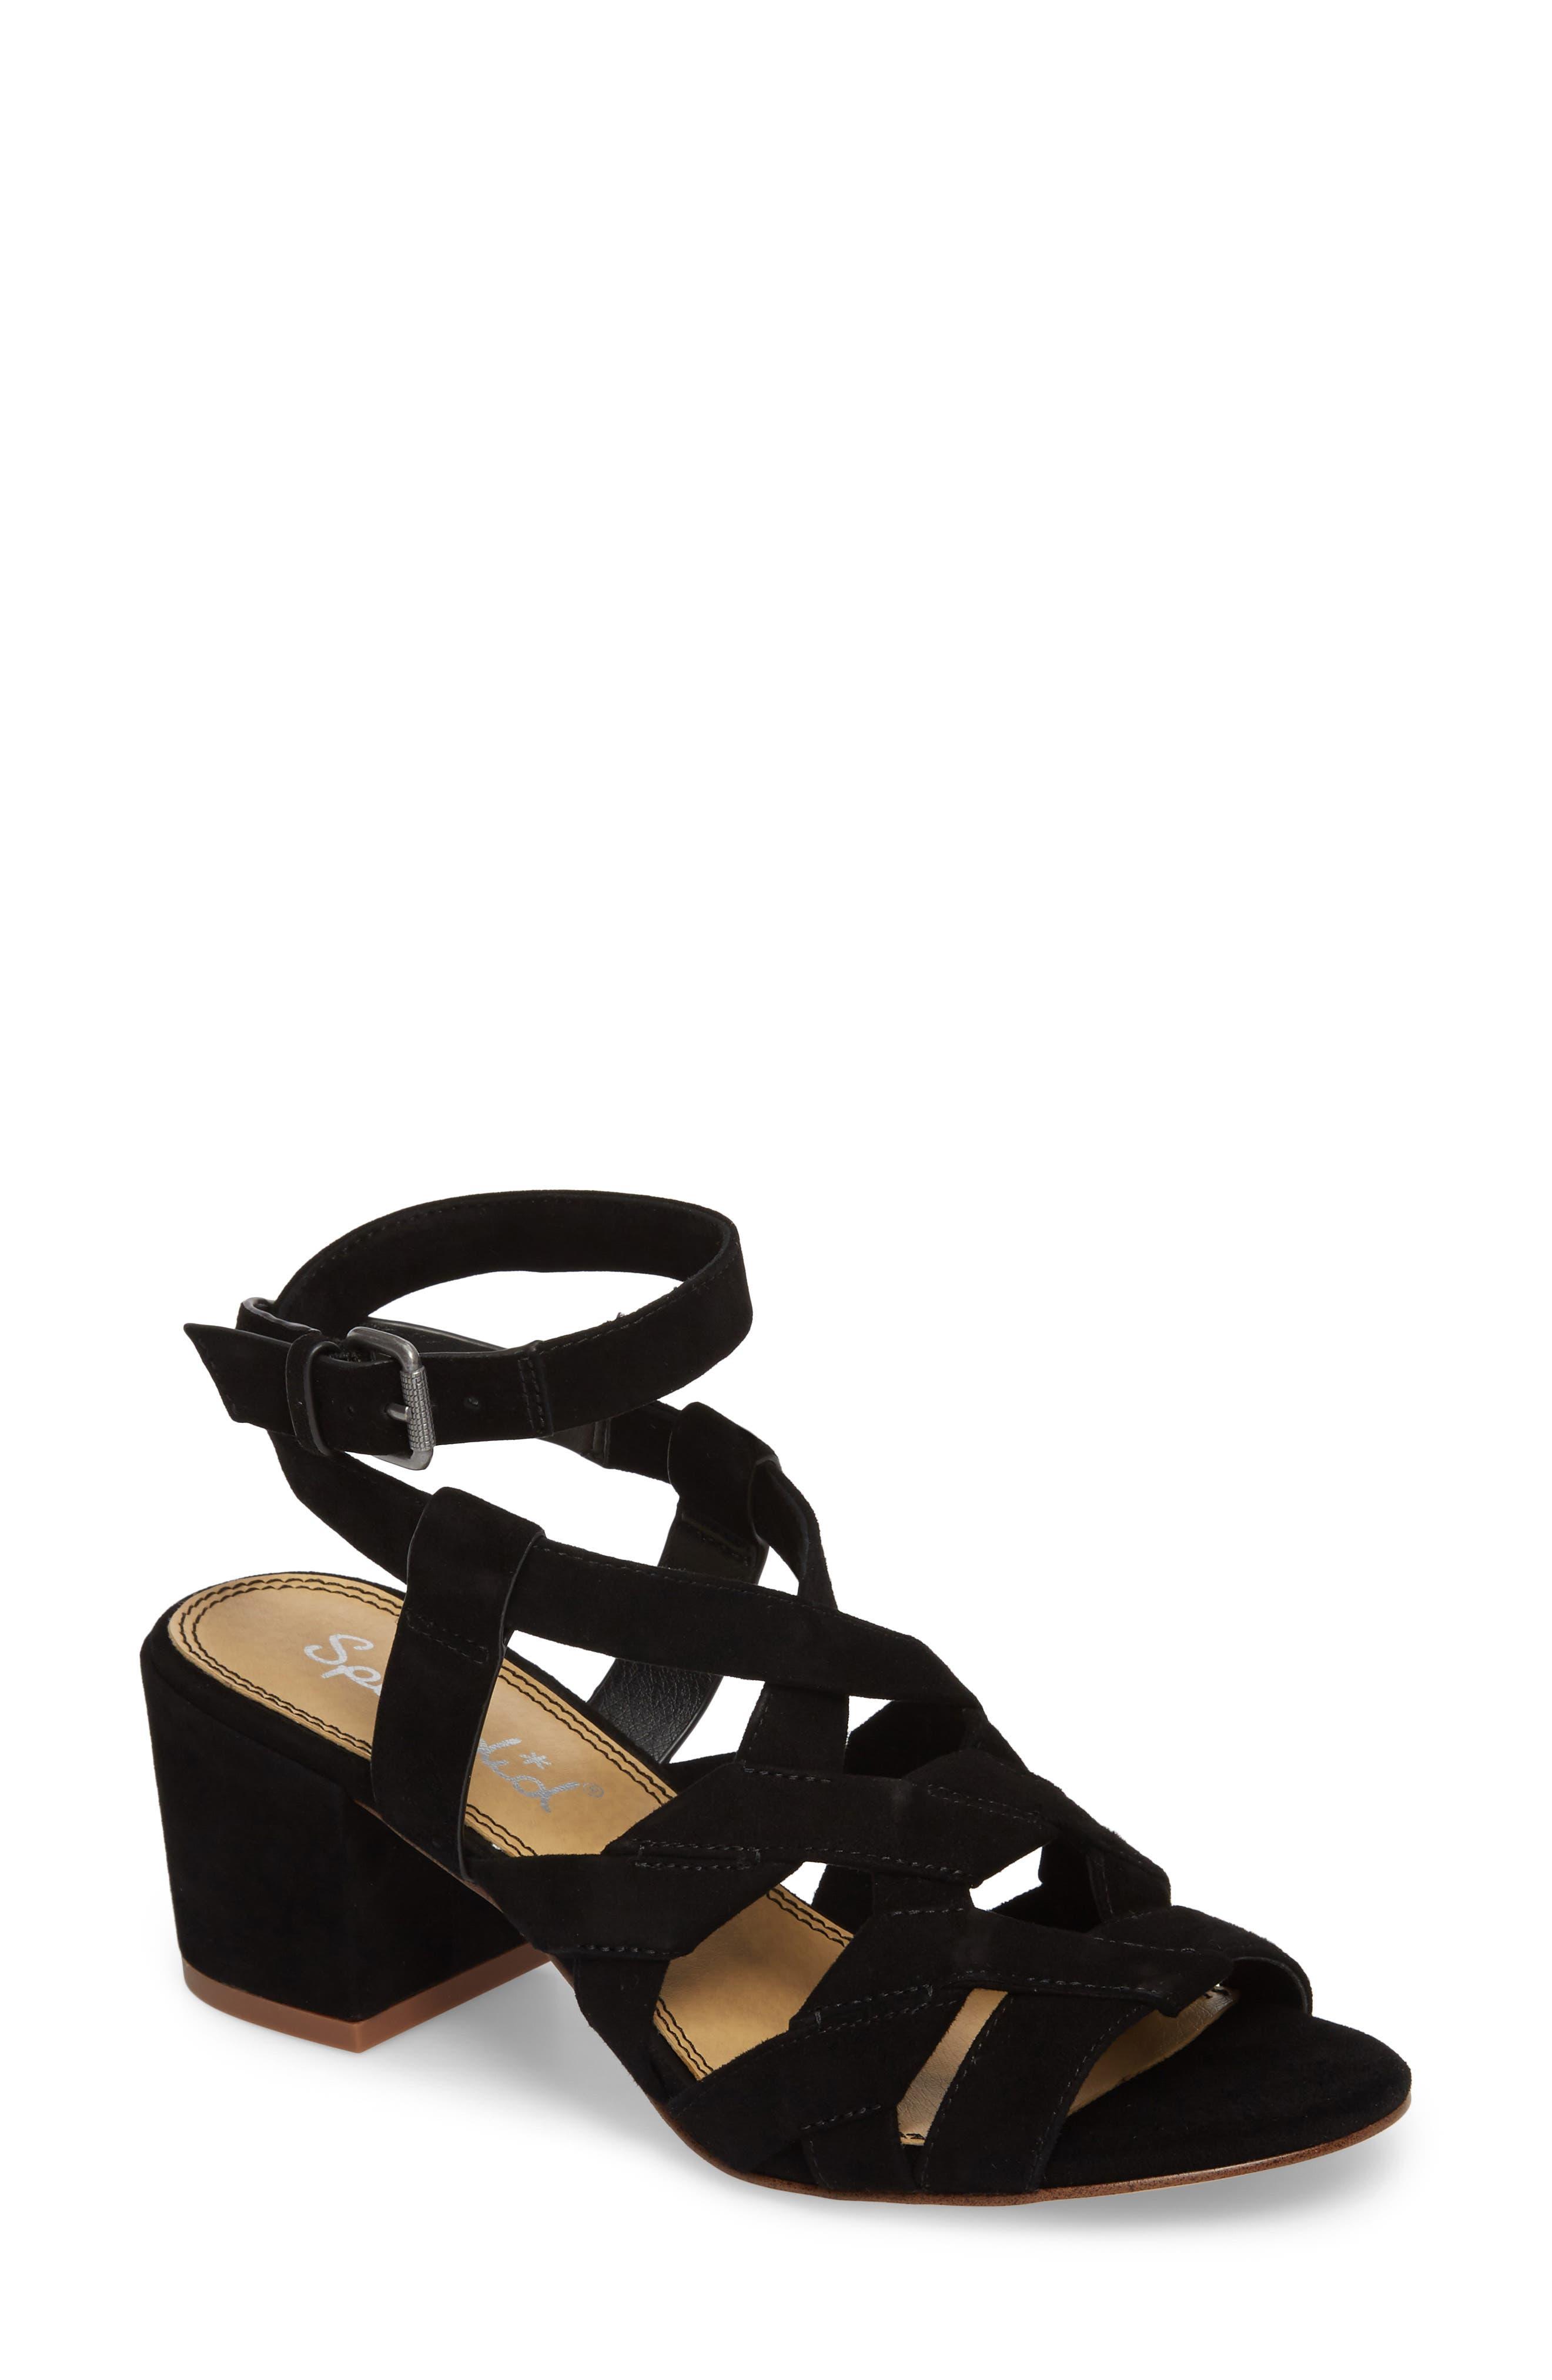 Alternate Image 1 Selected - Splendid Barrymore Sandal (Women)